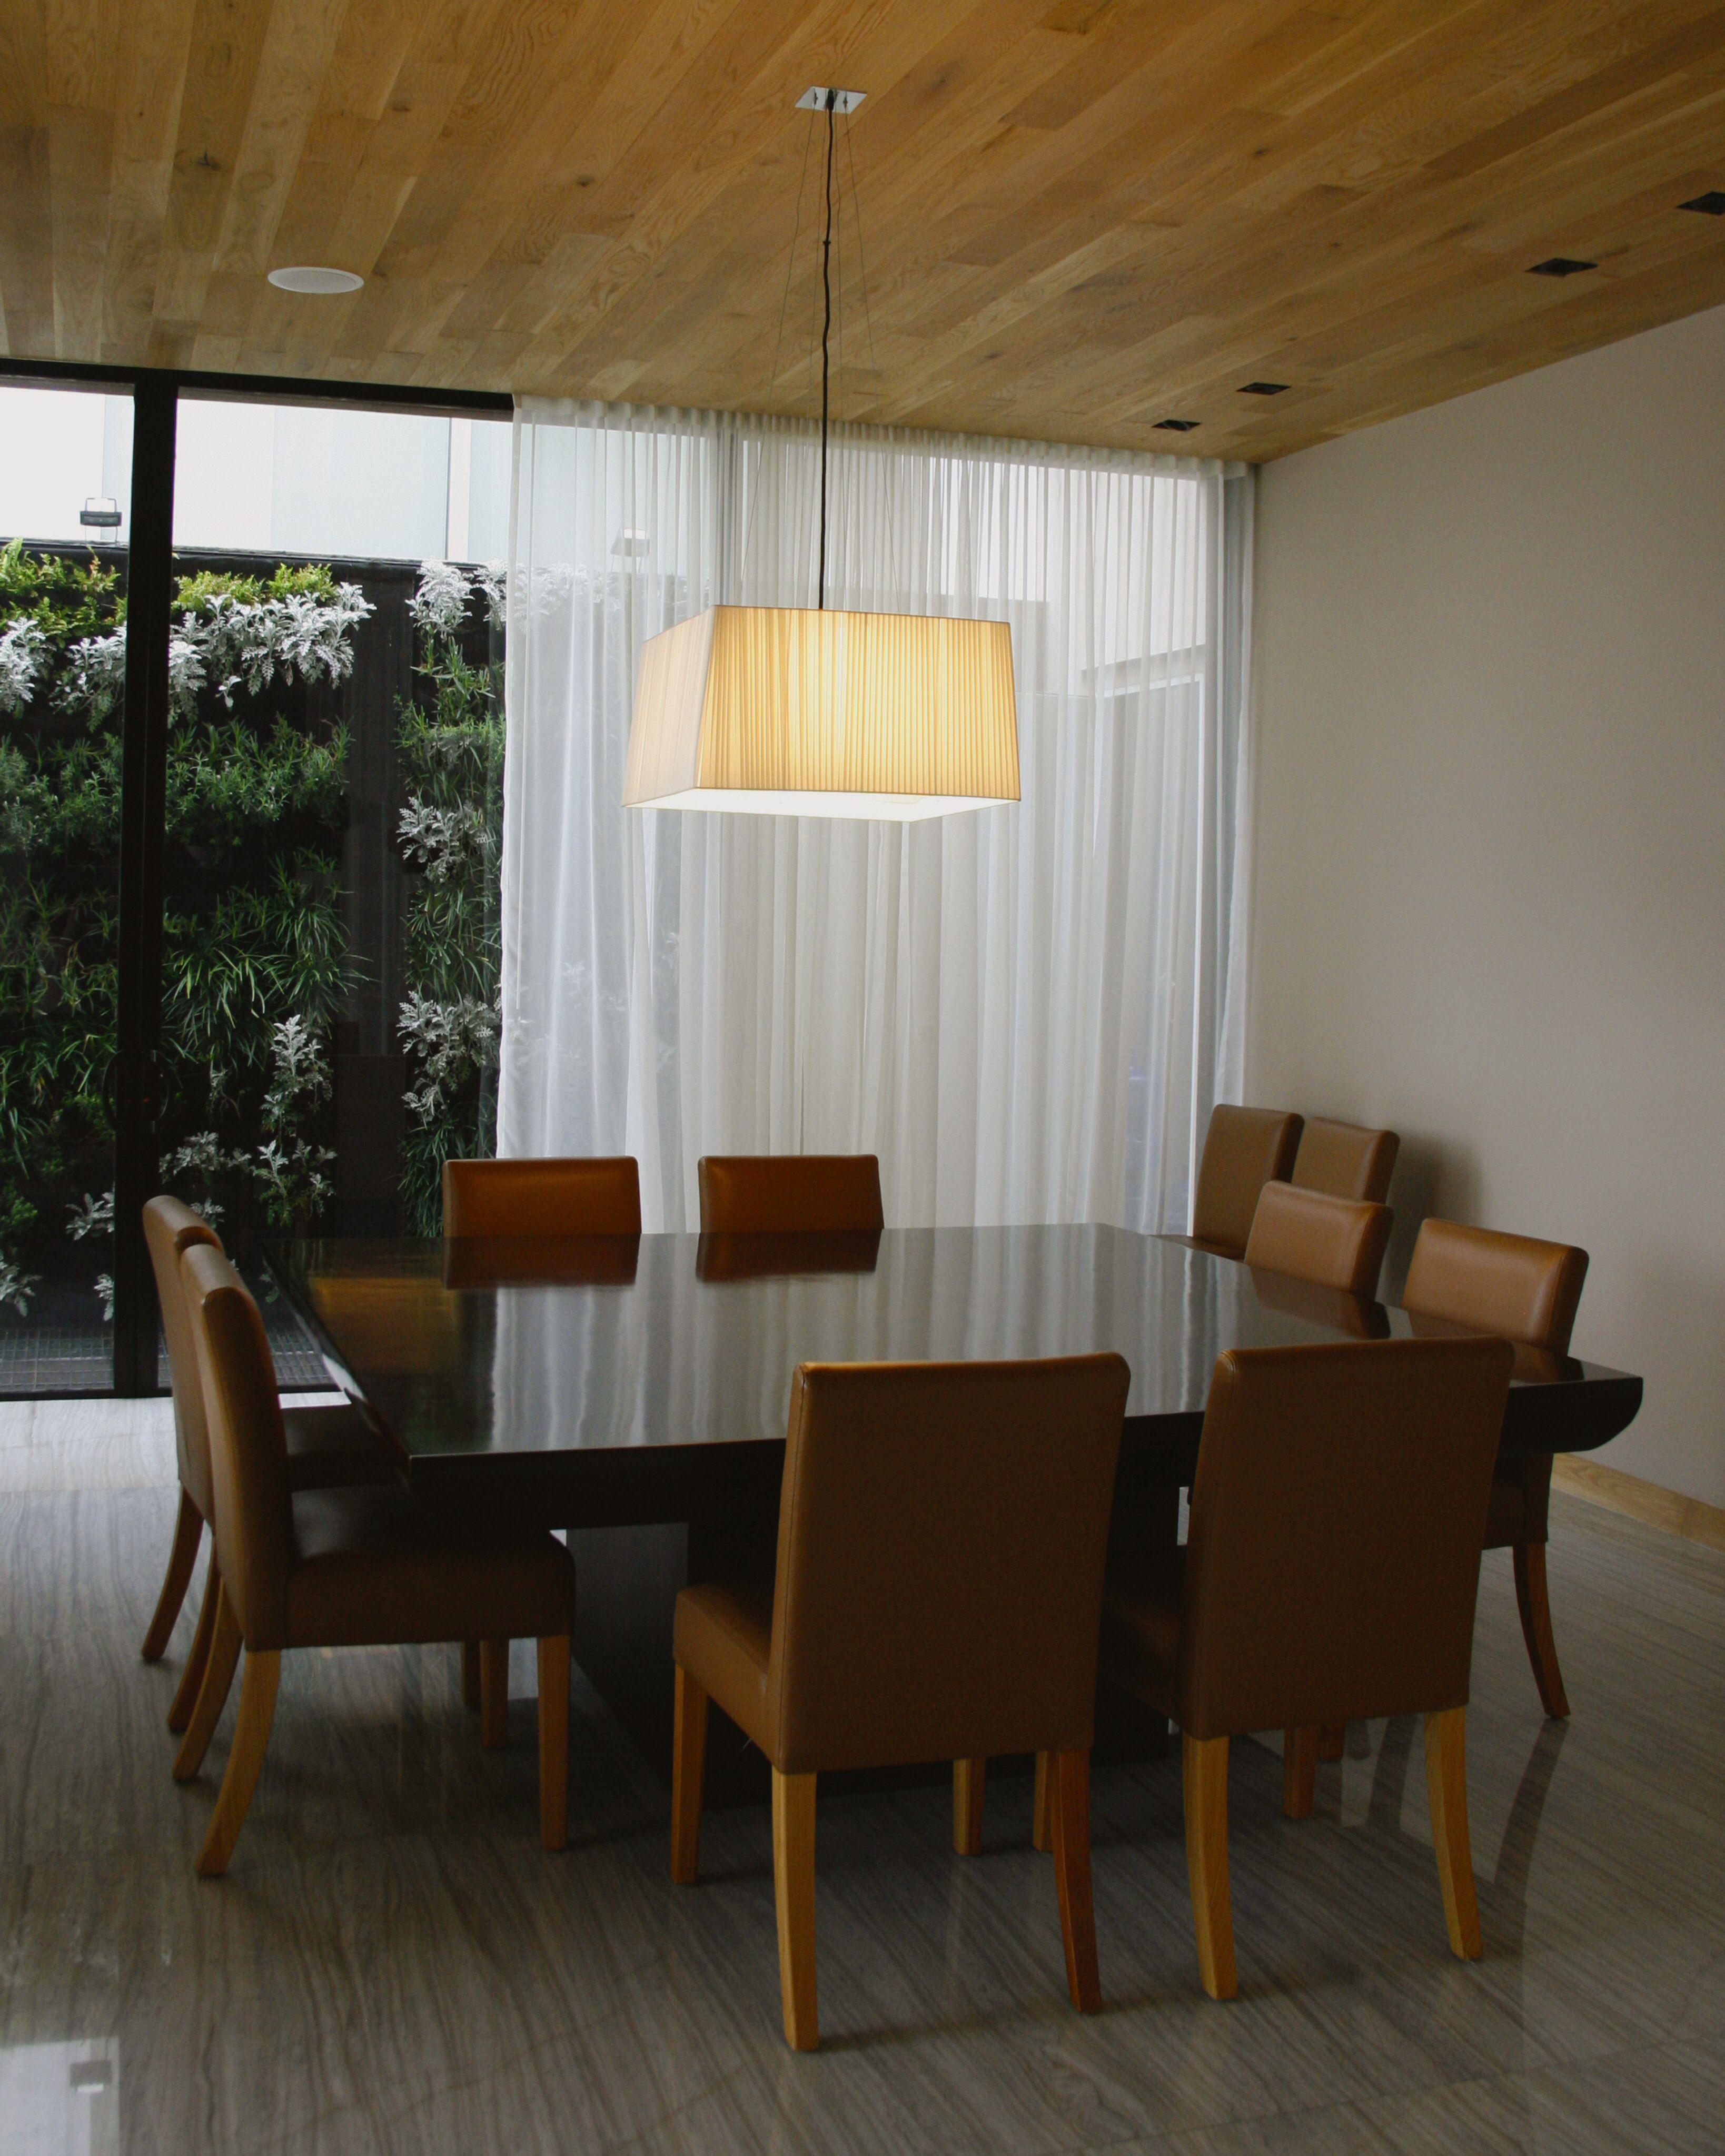 Casa Ss Comedor M Rmol Sillas De Piel Iluminaci N Decorativa  ~ Como Limpiar El Marmol Para Que Brille